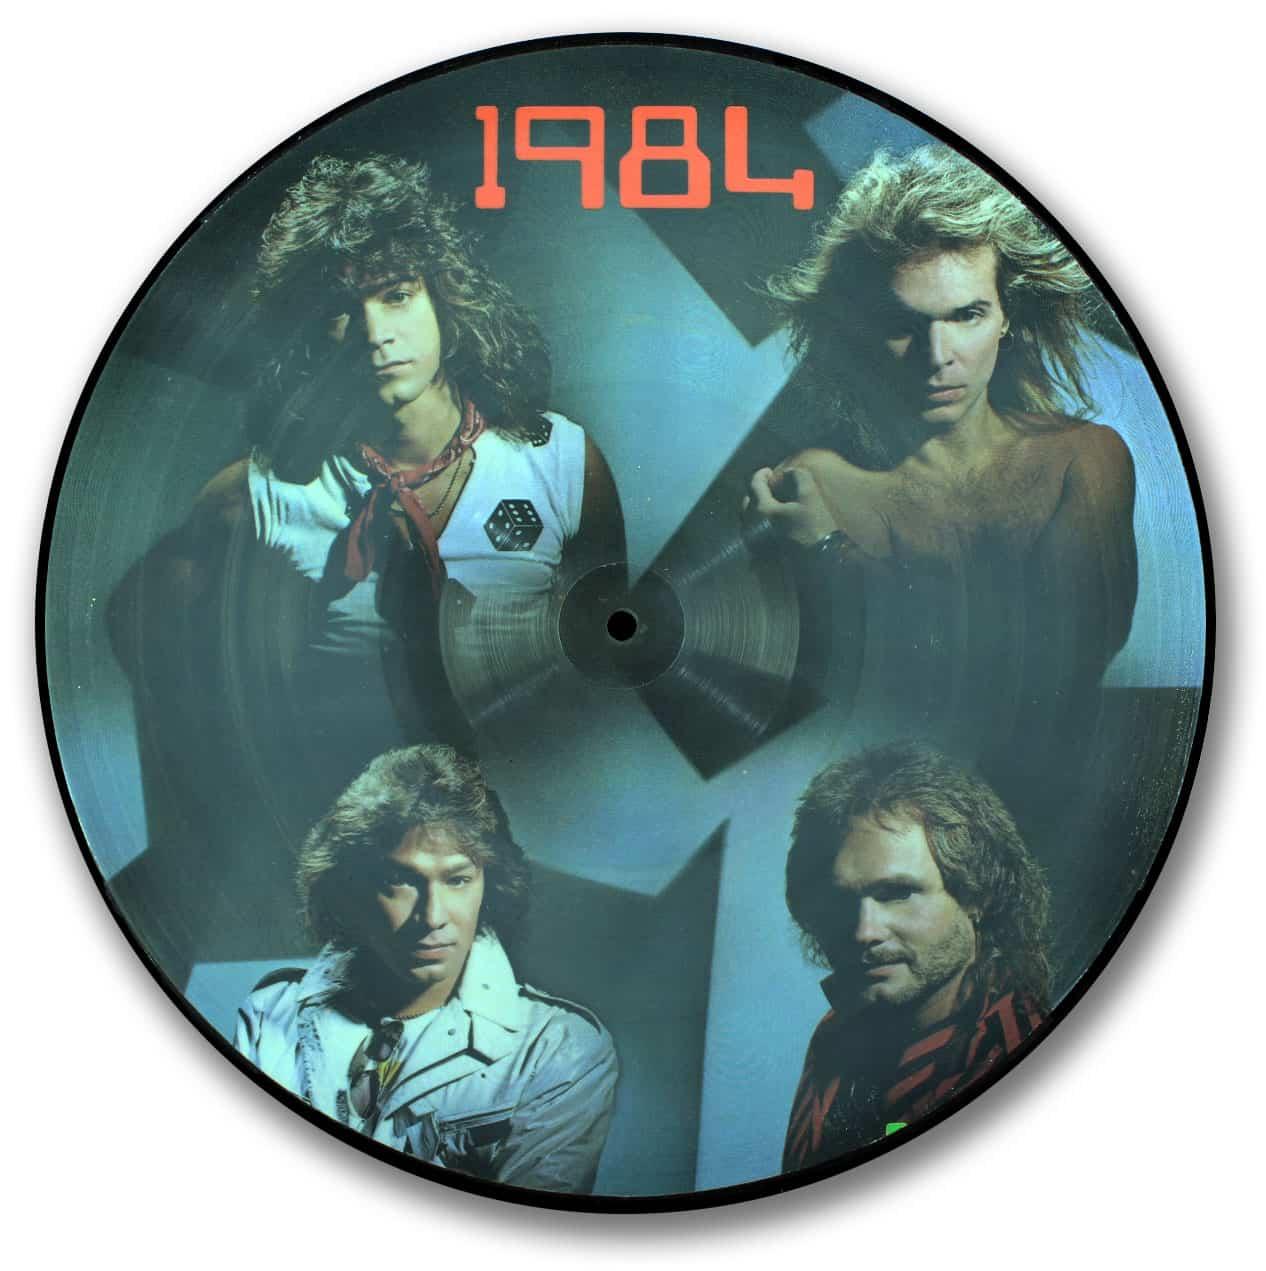 Van Halen, 1984 Picture Disc